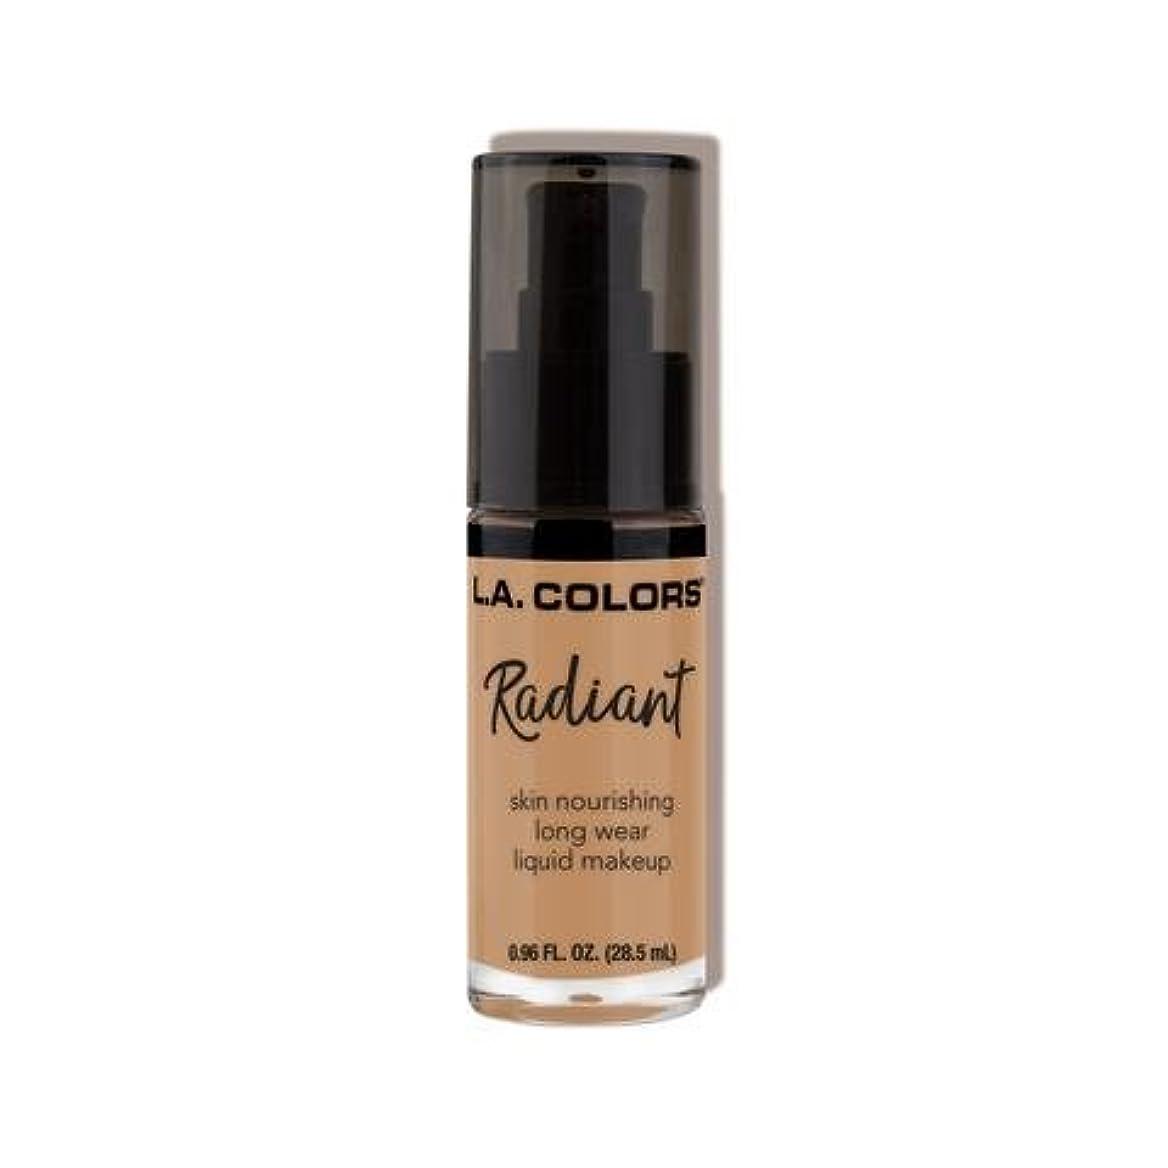 力ロケット電話に出る(3 Pack) L.A. COLORS Radiant Liquid Makeup - Light Toffee (並行輸入品)